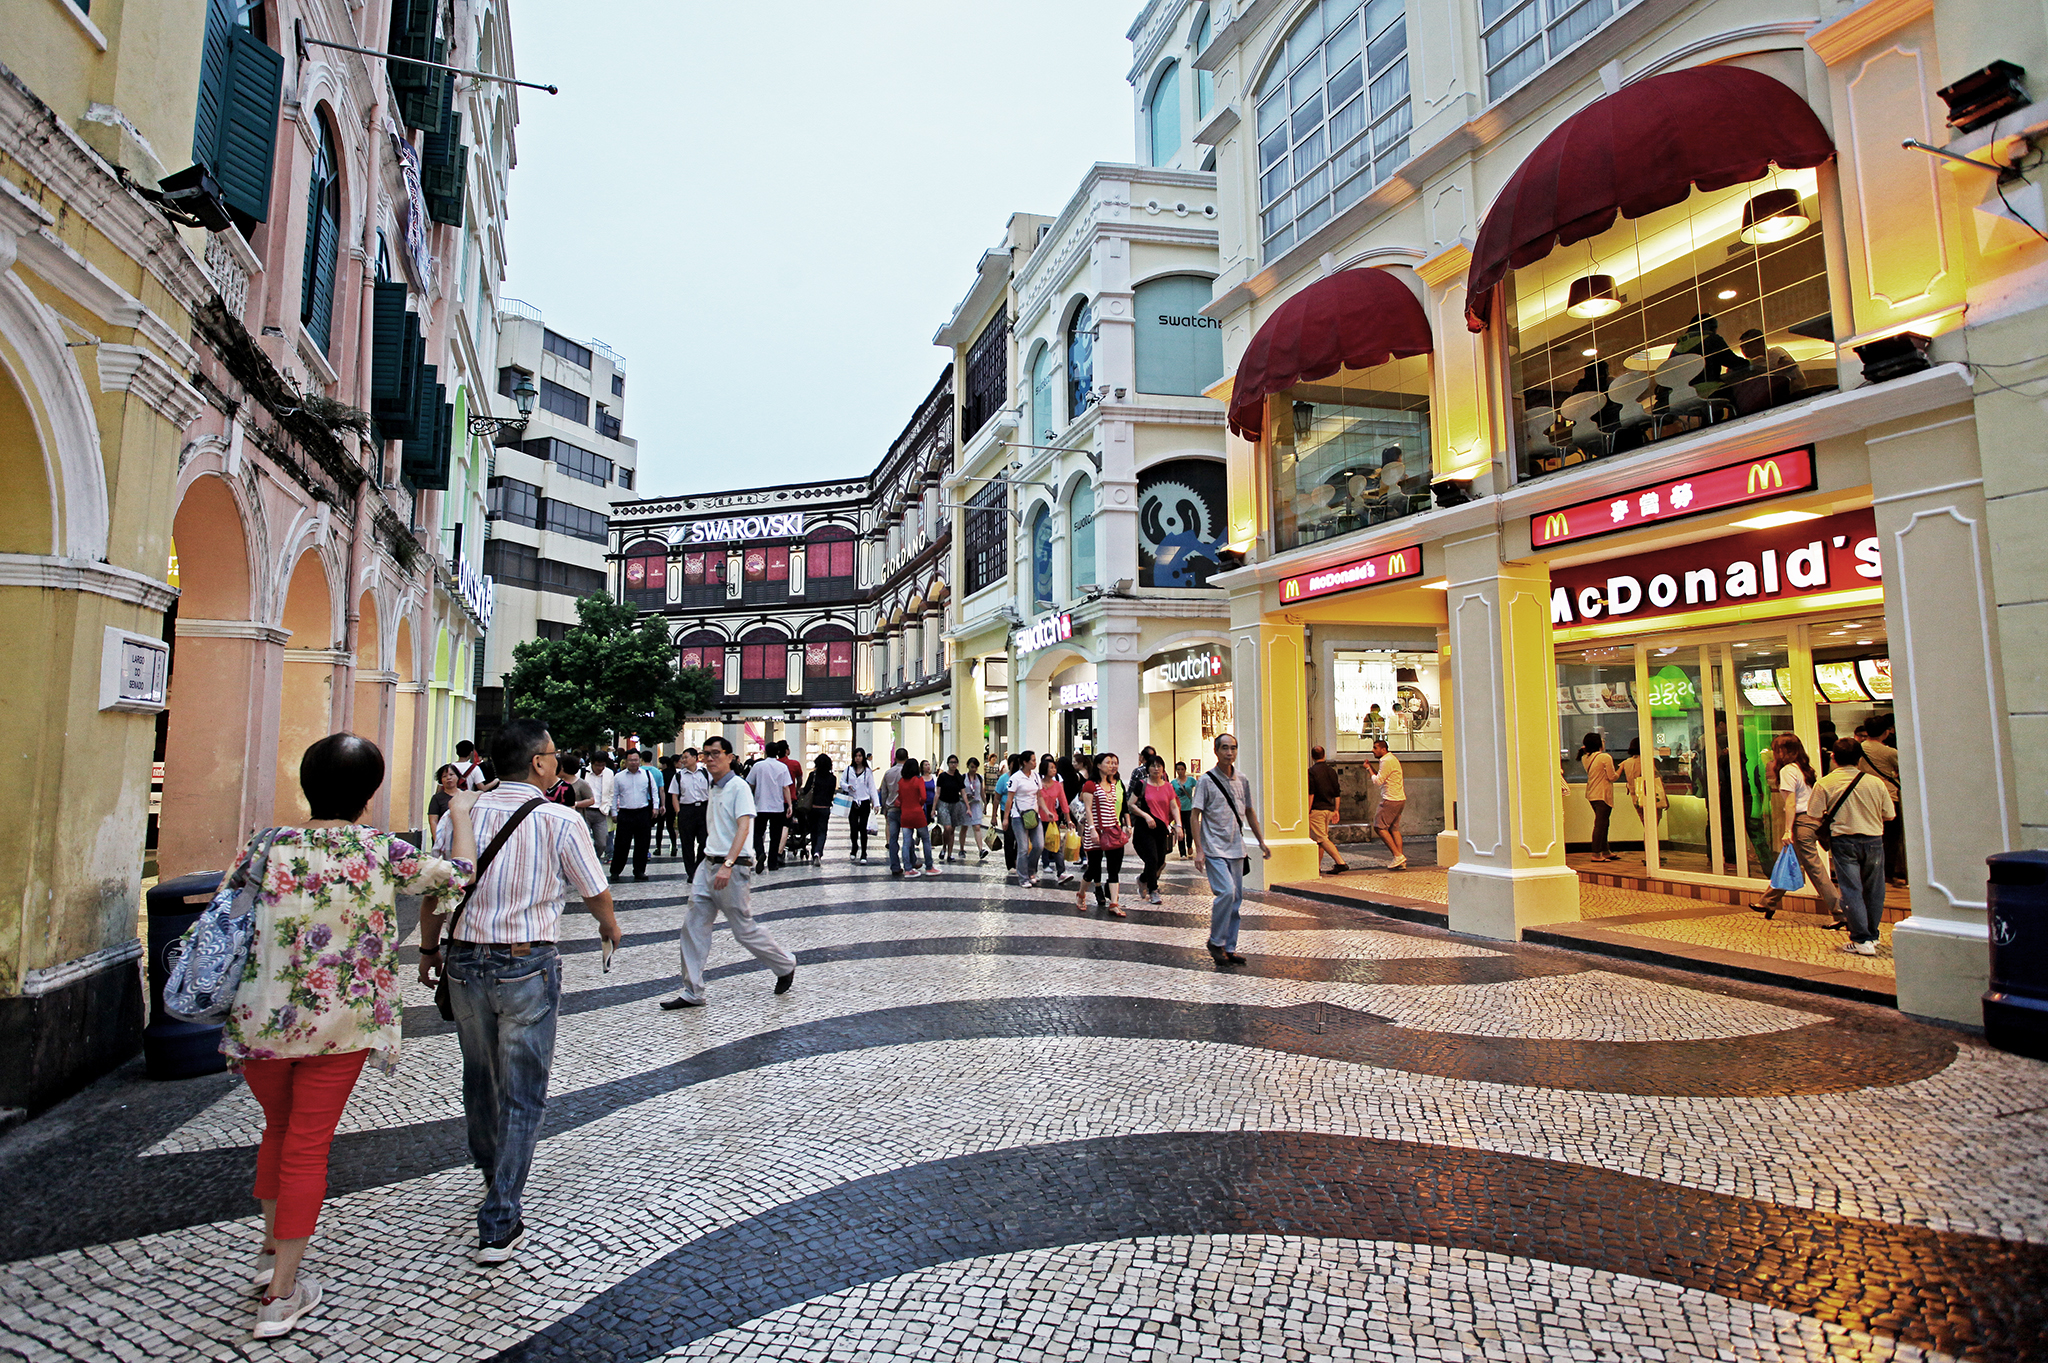 Património   Legados da China, Macau e Taiwan em discussão no IIM